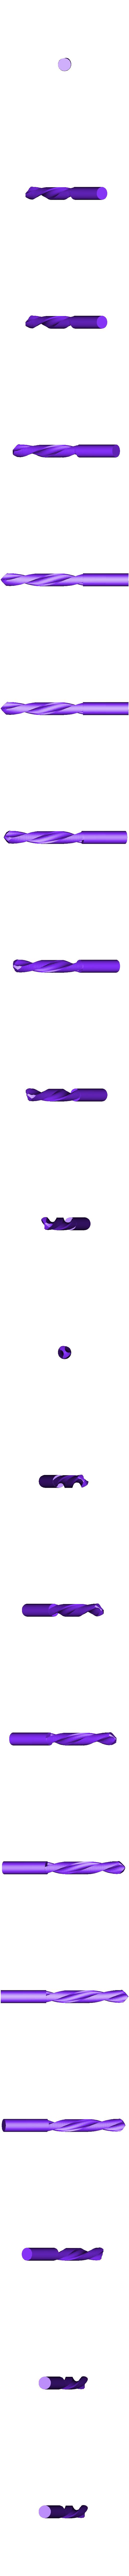 D04.stl Télécharger fichier STL Perceuse à main Impression 3D • Design pour impression 3D, MPPSWKA7